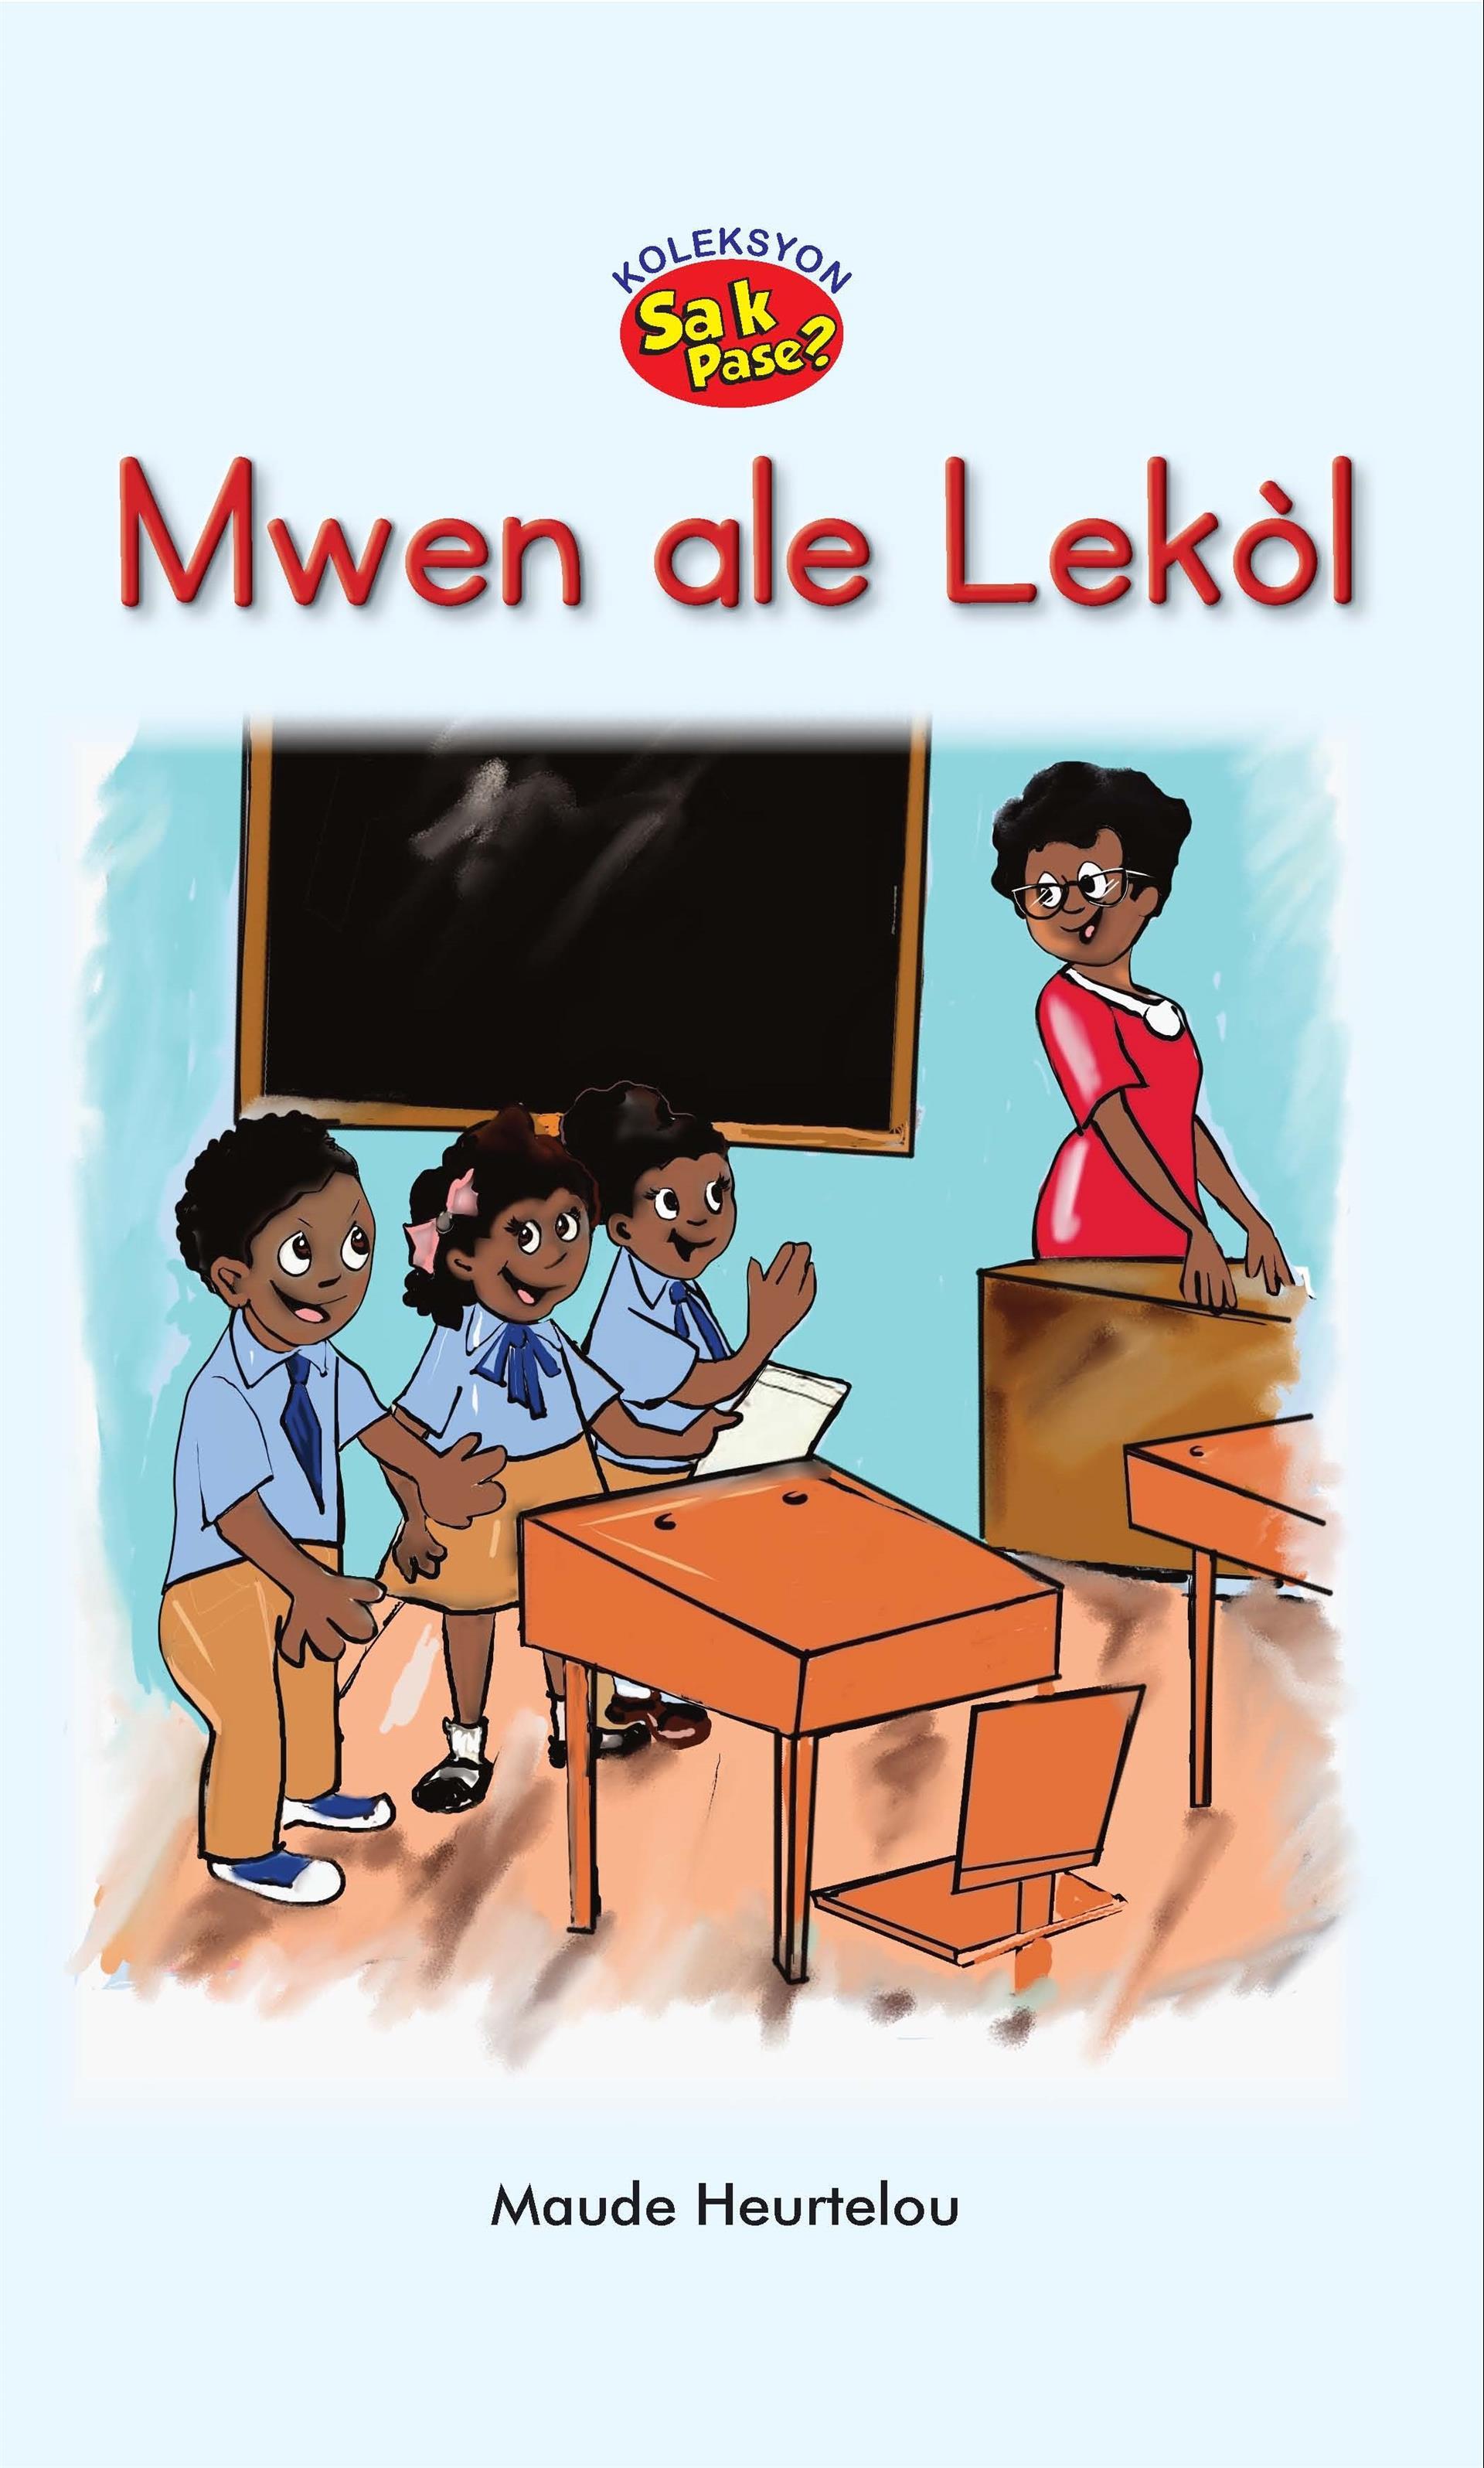 Mwen ale Lekòl